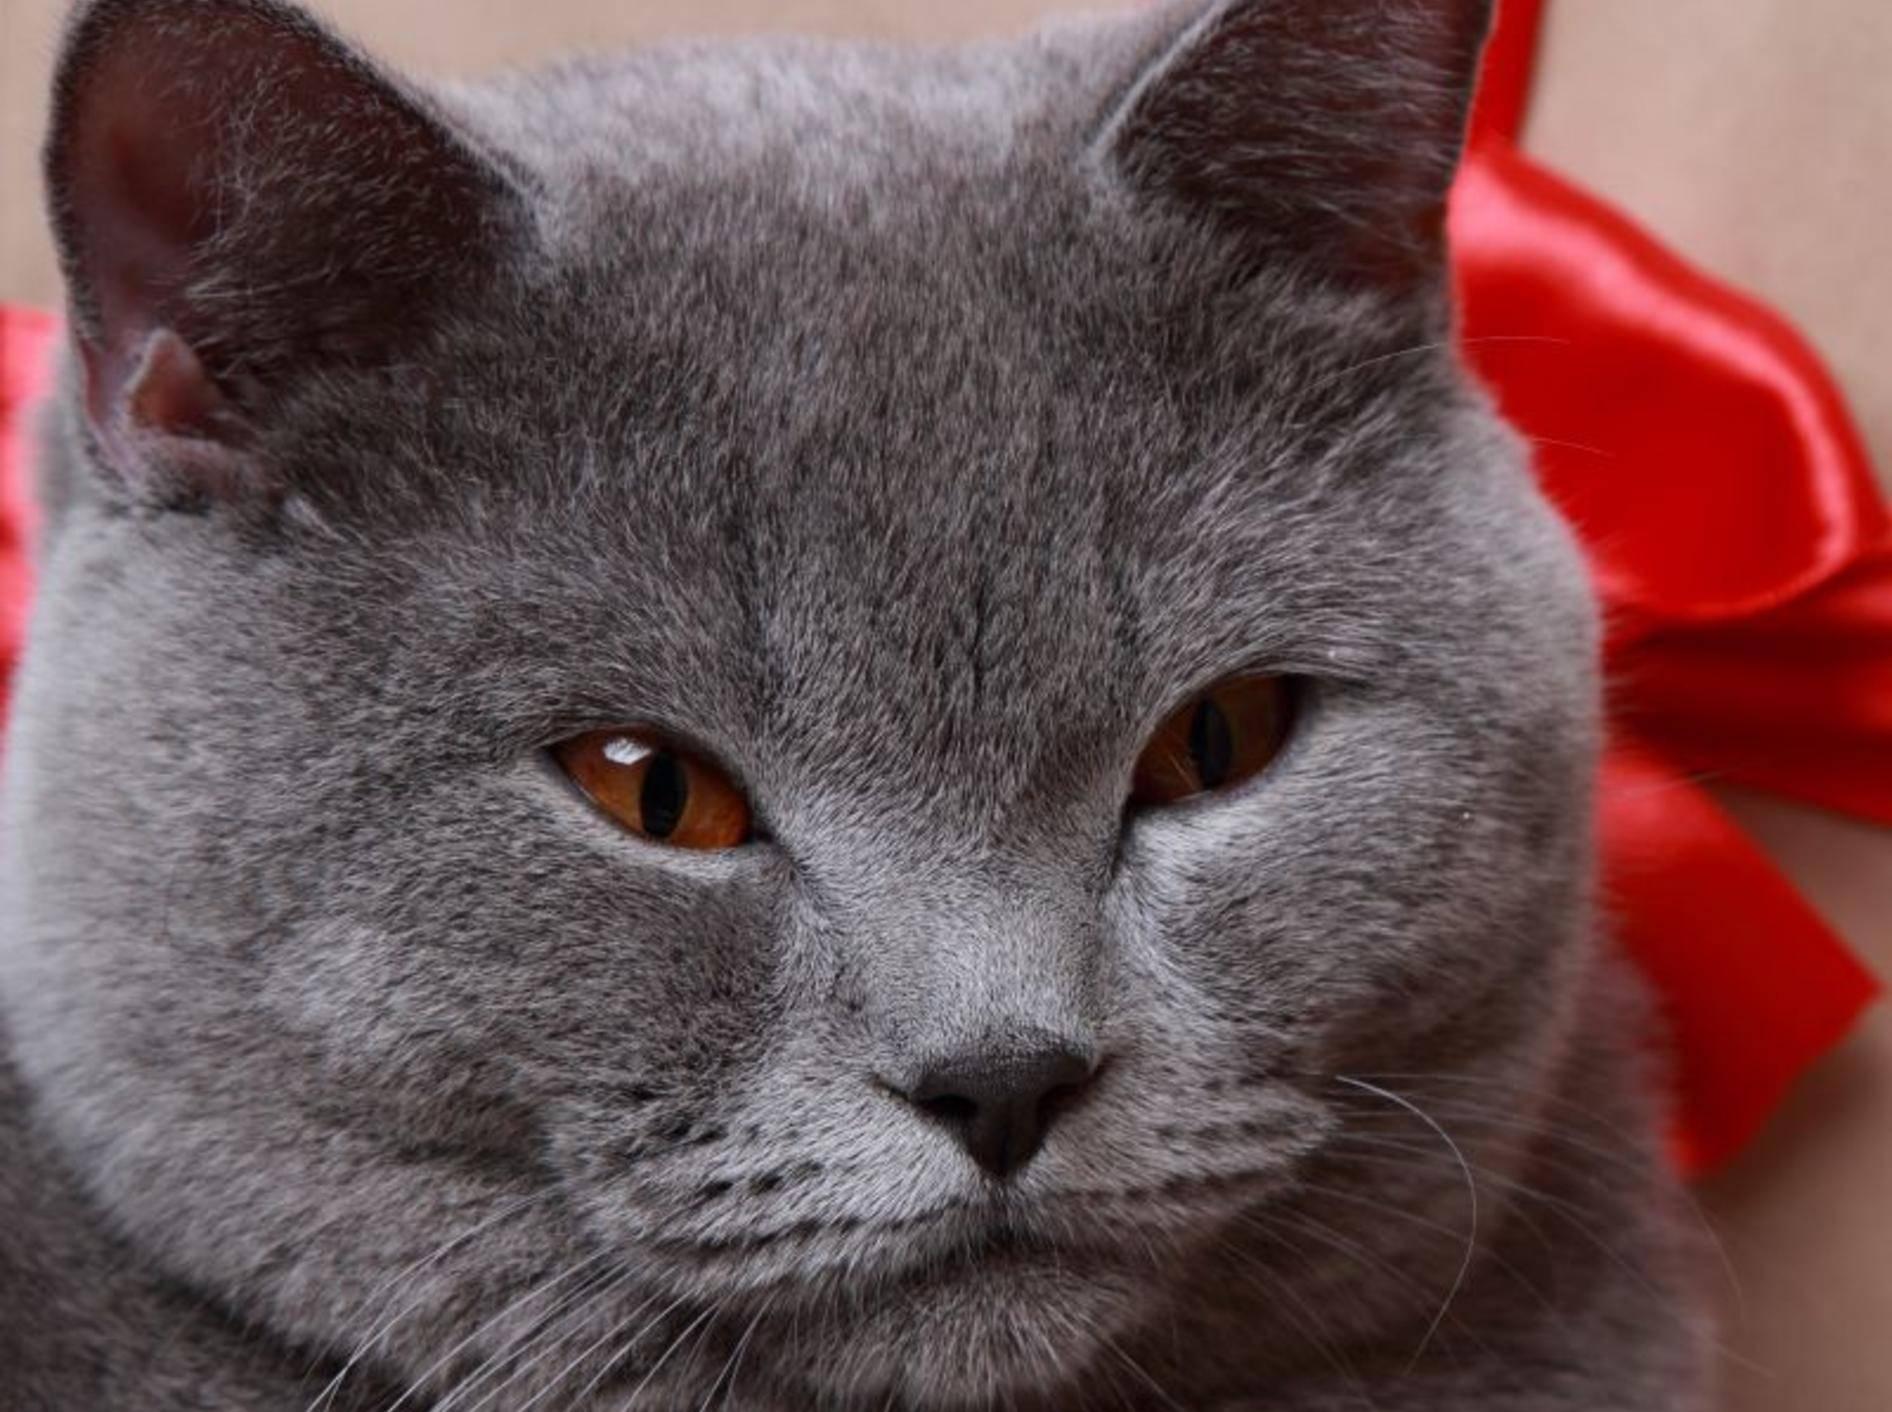 Die Weihnachtszeit naht: Adventskalender für Katzen – Bild: Shutterstock / Maryna Kulchytska